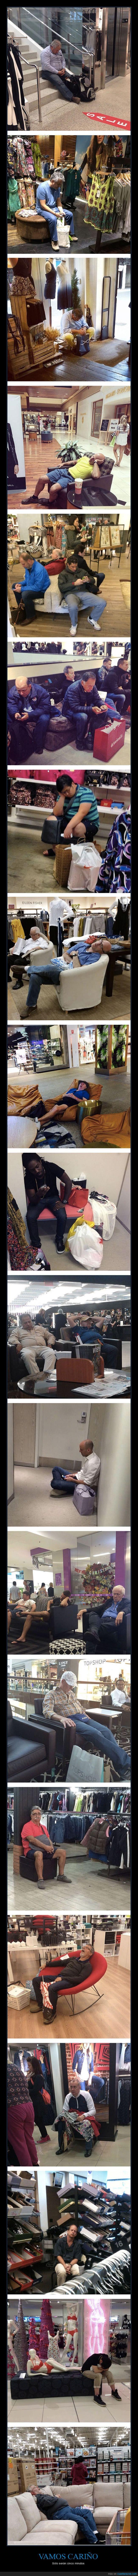 de compras,esperar,hombres,maridos